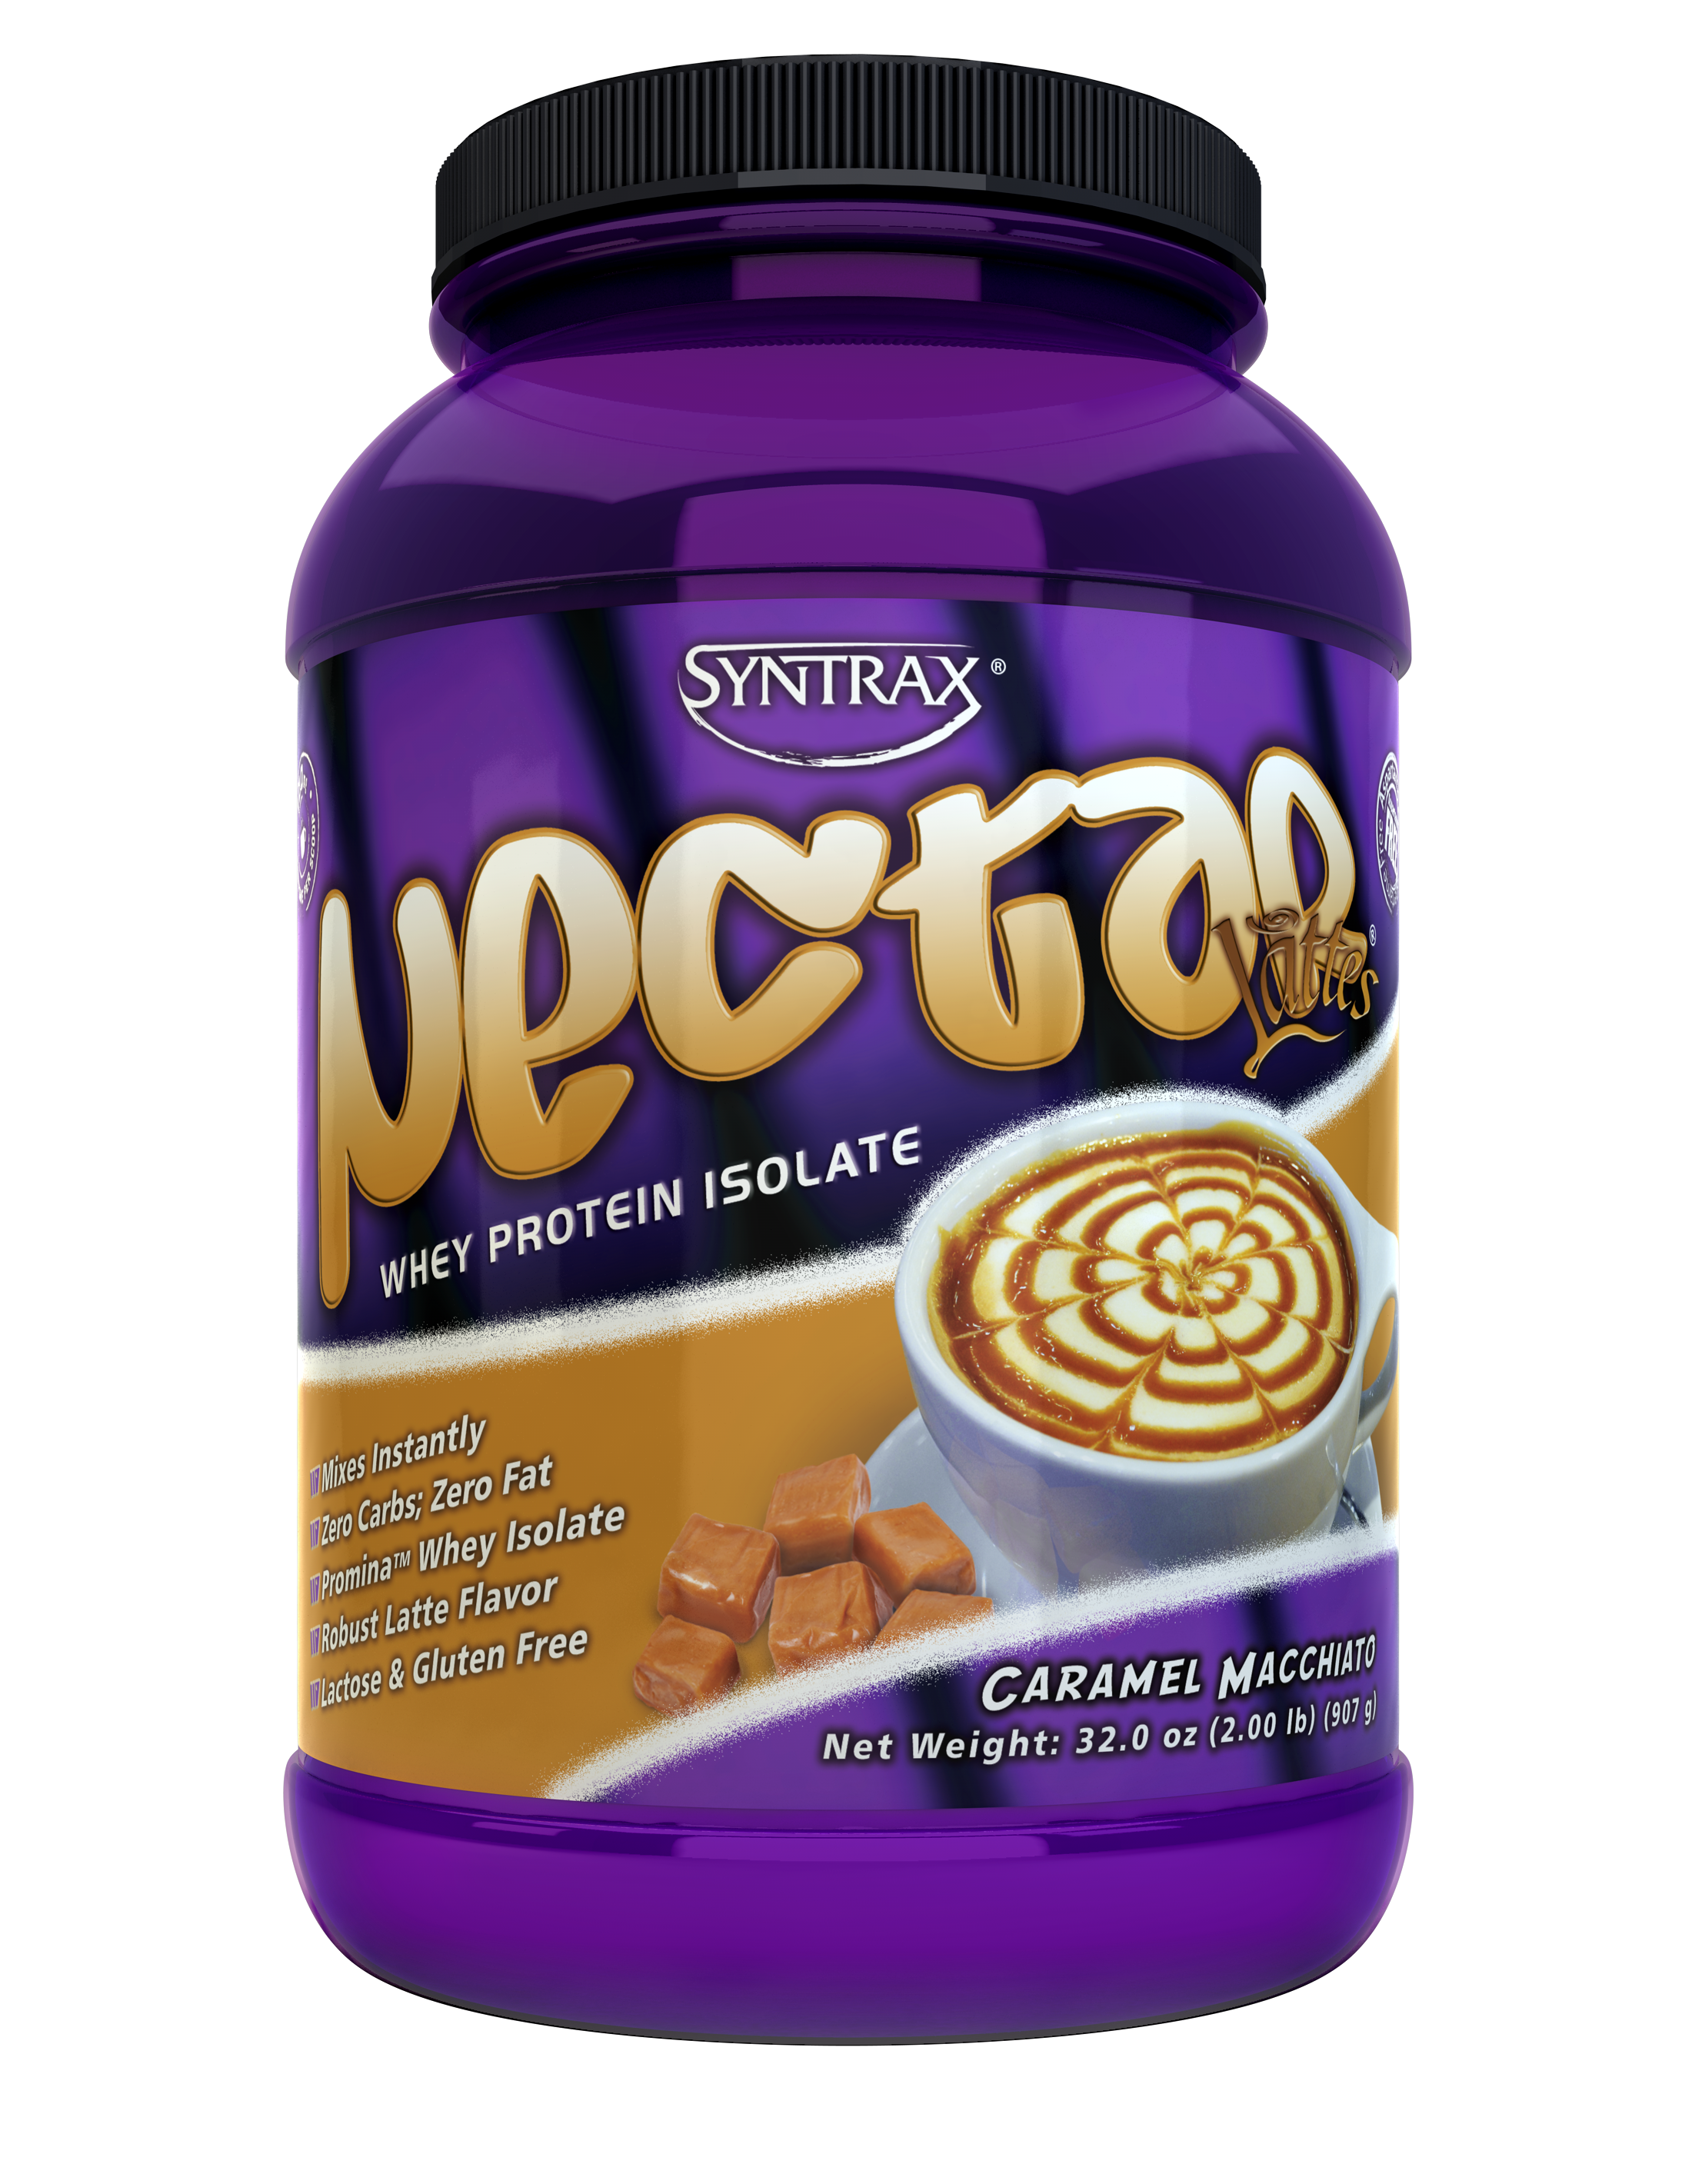 Syntrax Nectar Lattes - Caramel Macchiato 2 lb